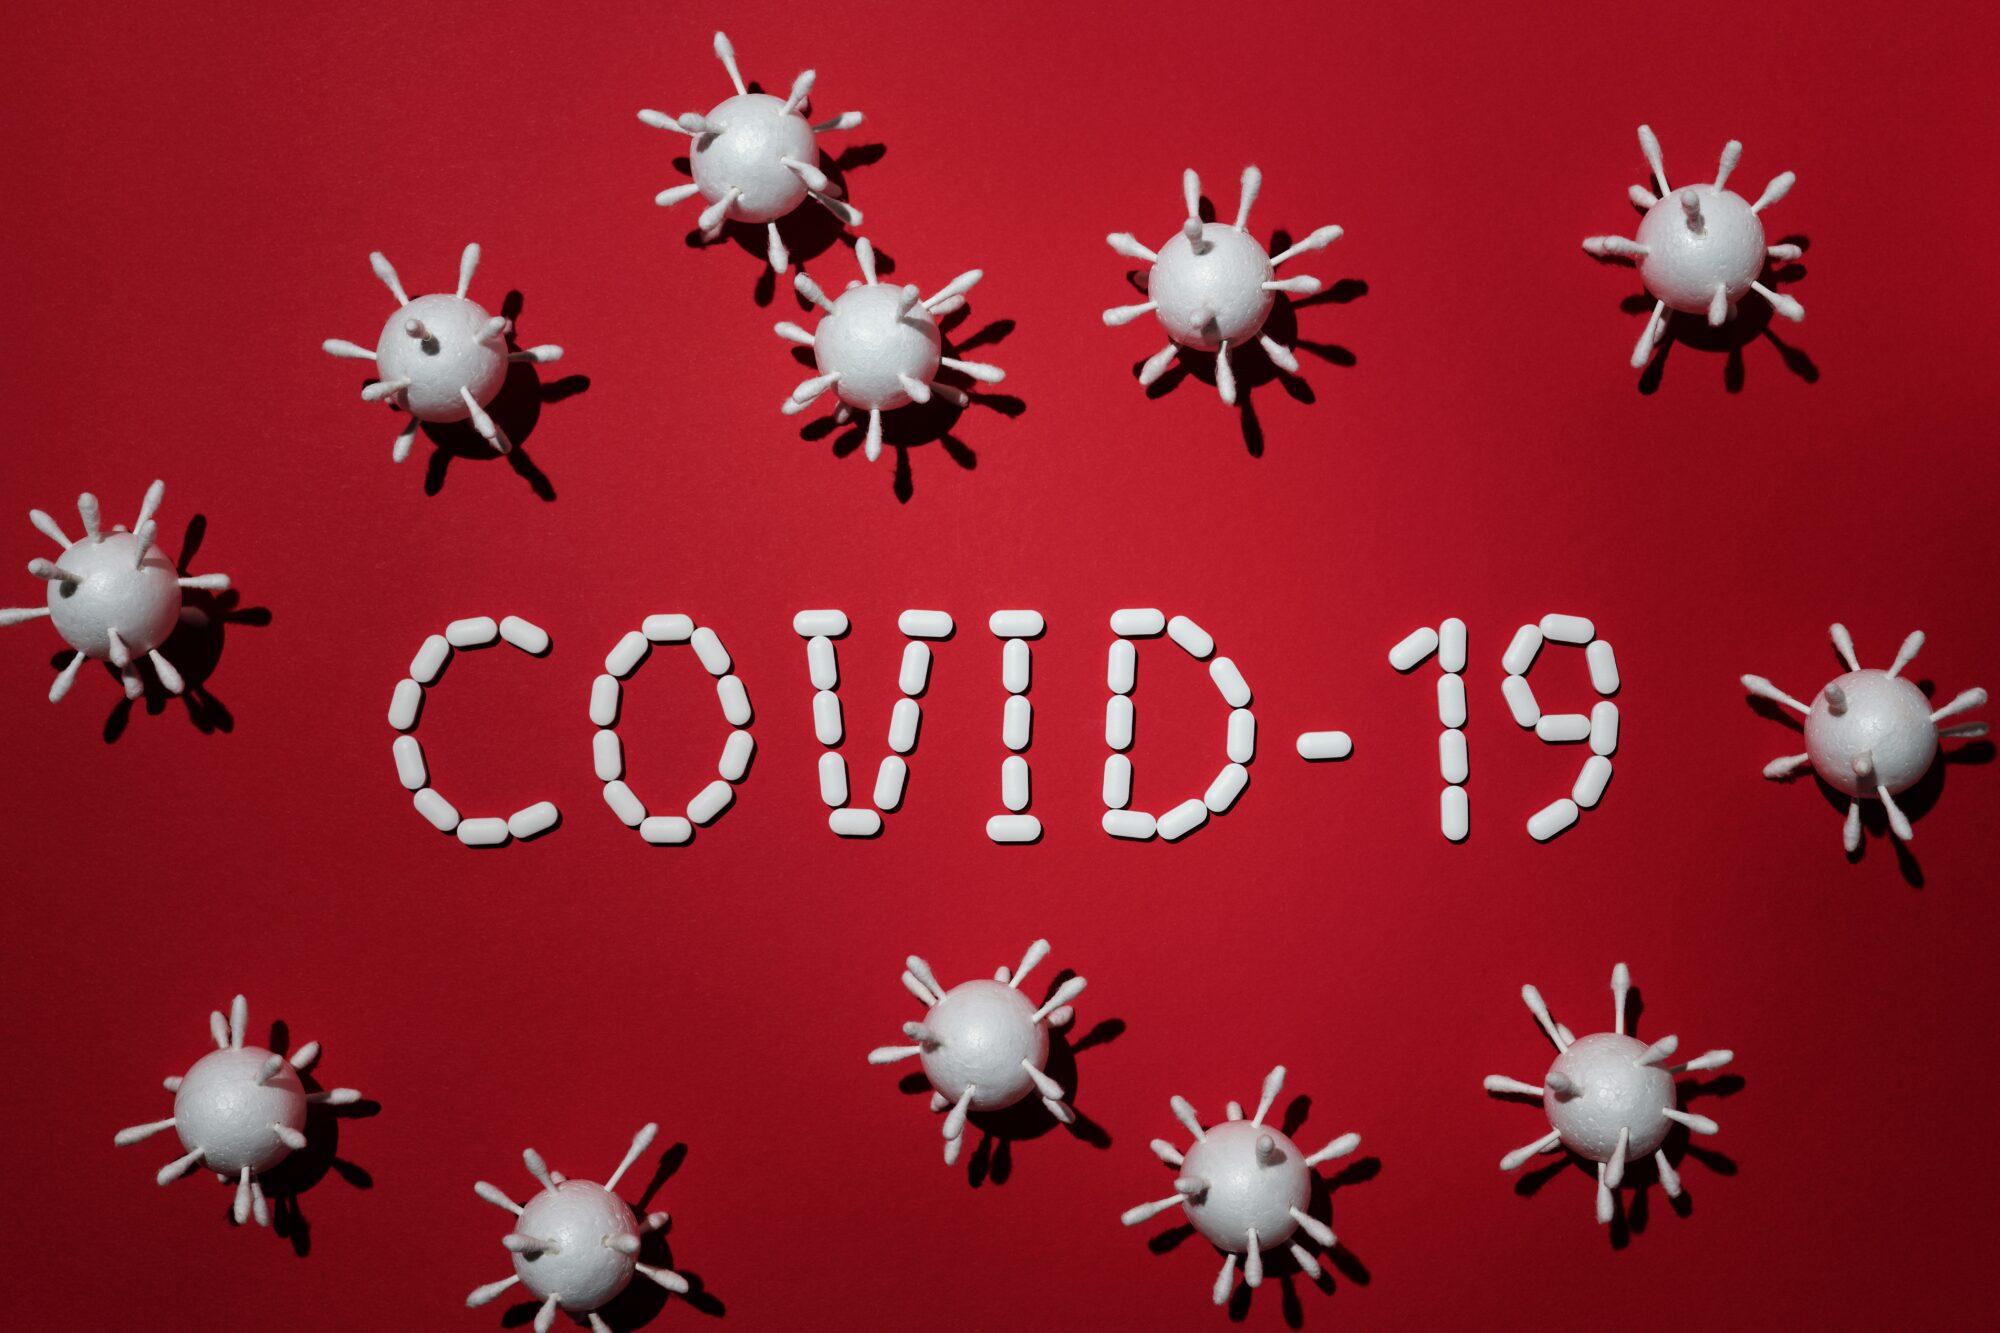 Четвертый день подряд не зарегистрировано ни одного нового случая «Covid-19»